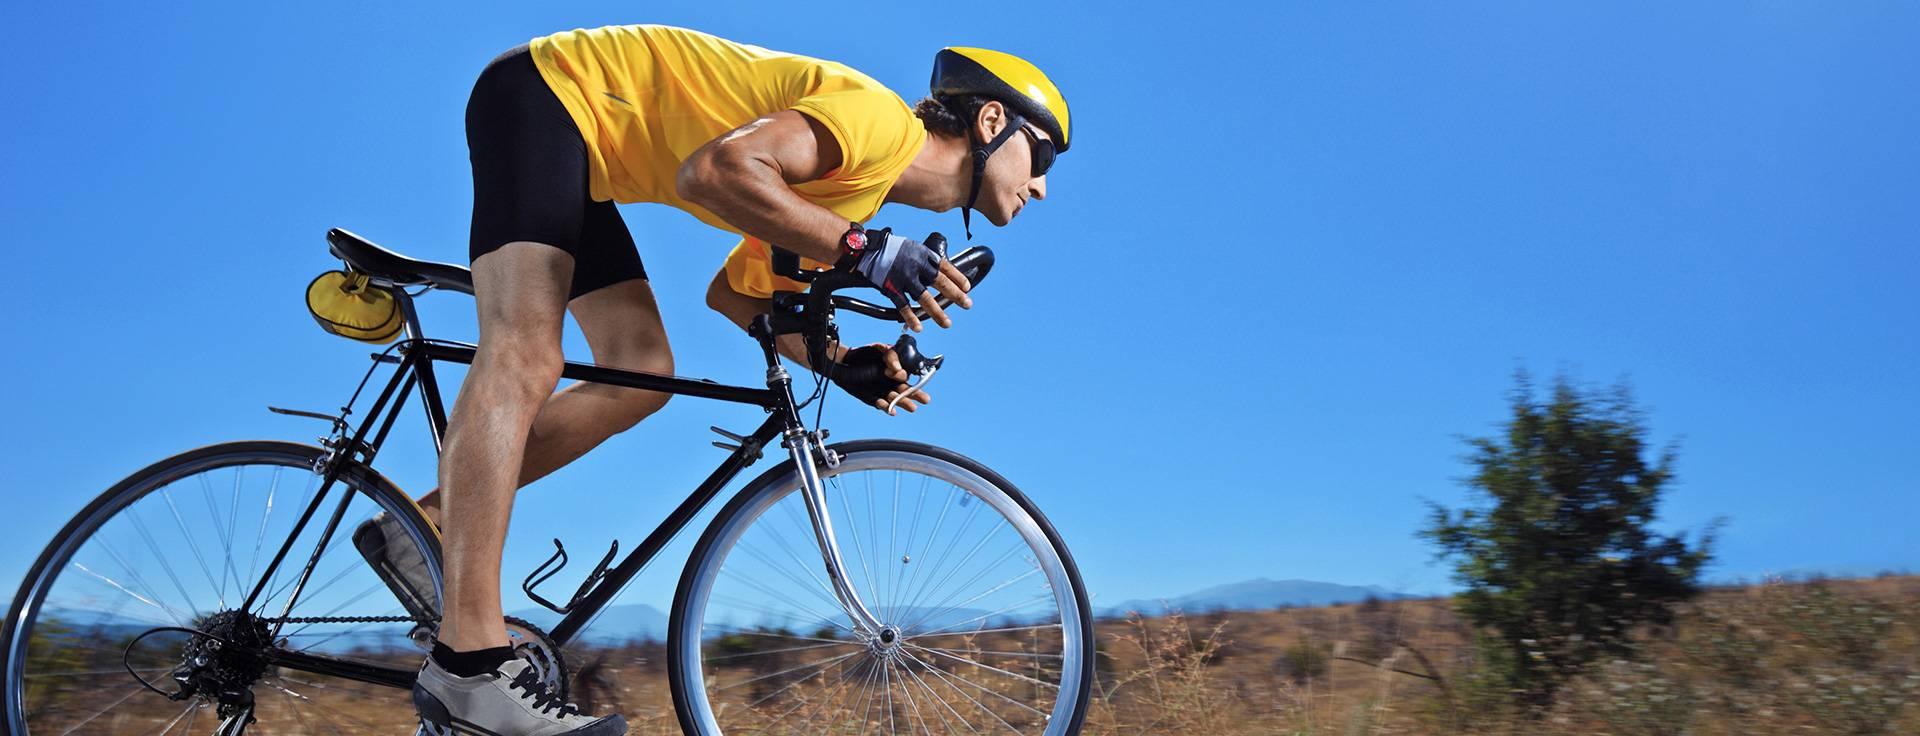 Ρούχα Ποδηλασίας - Bikemall